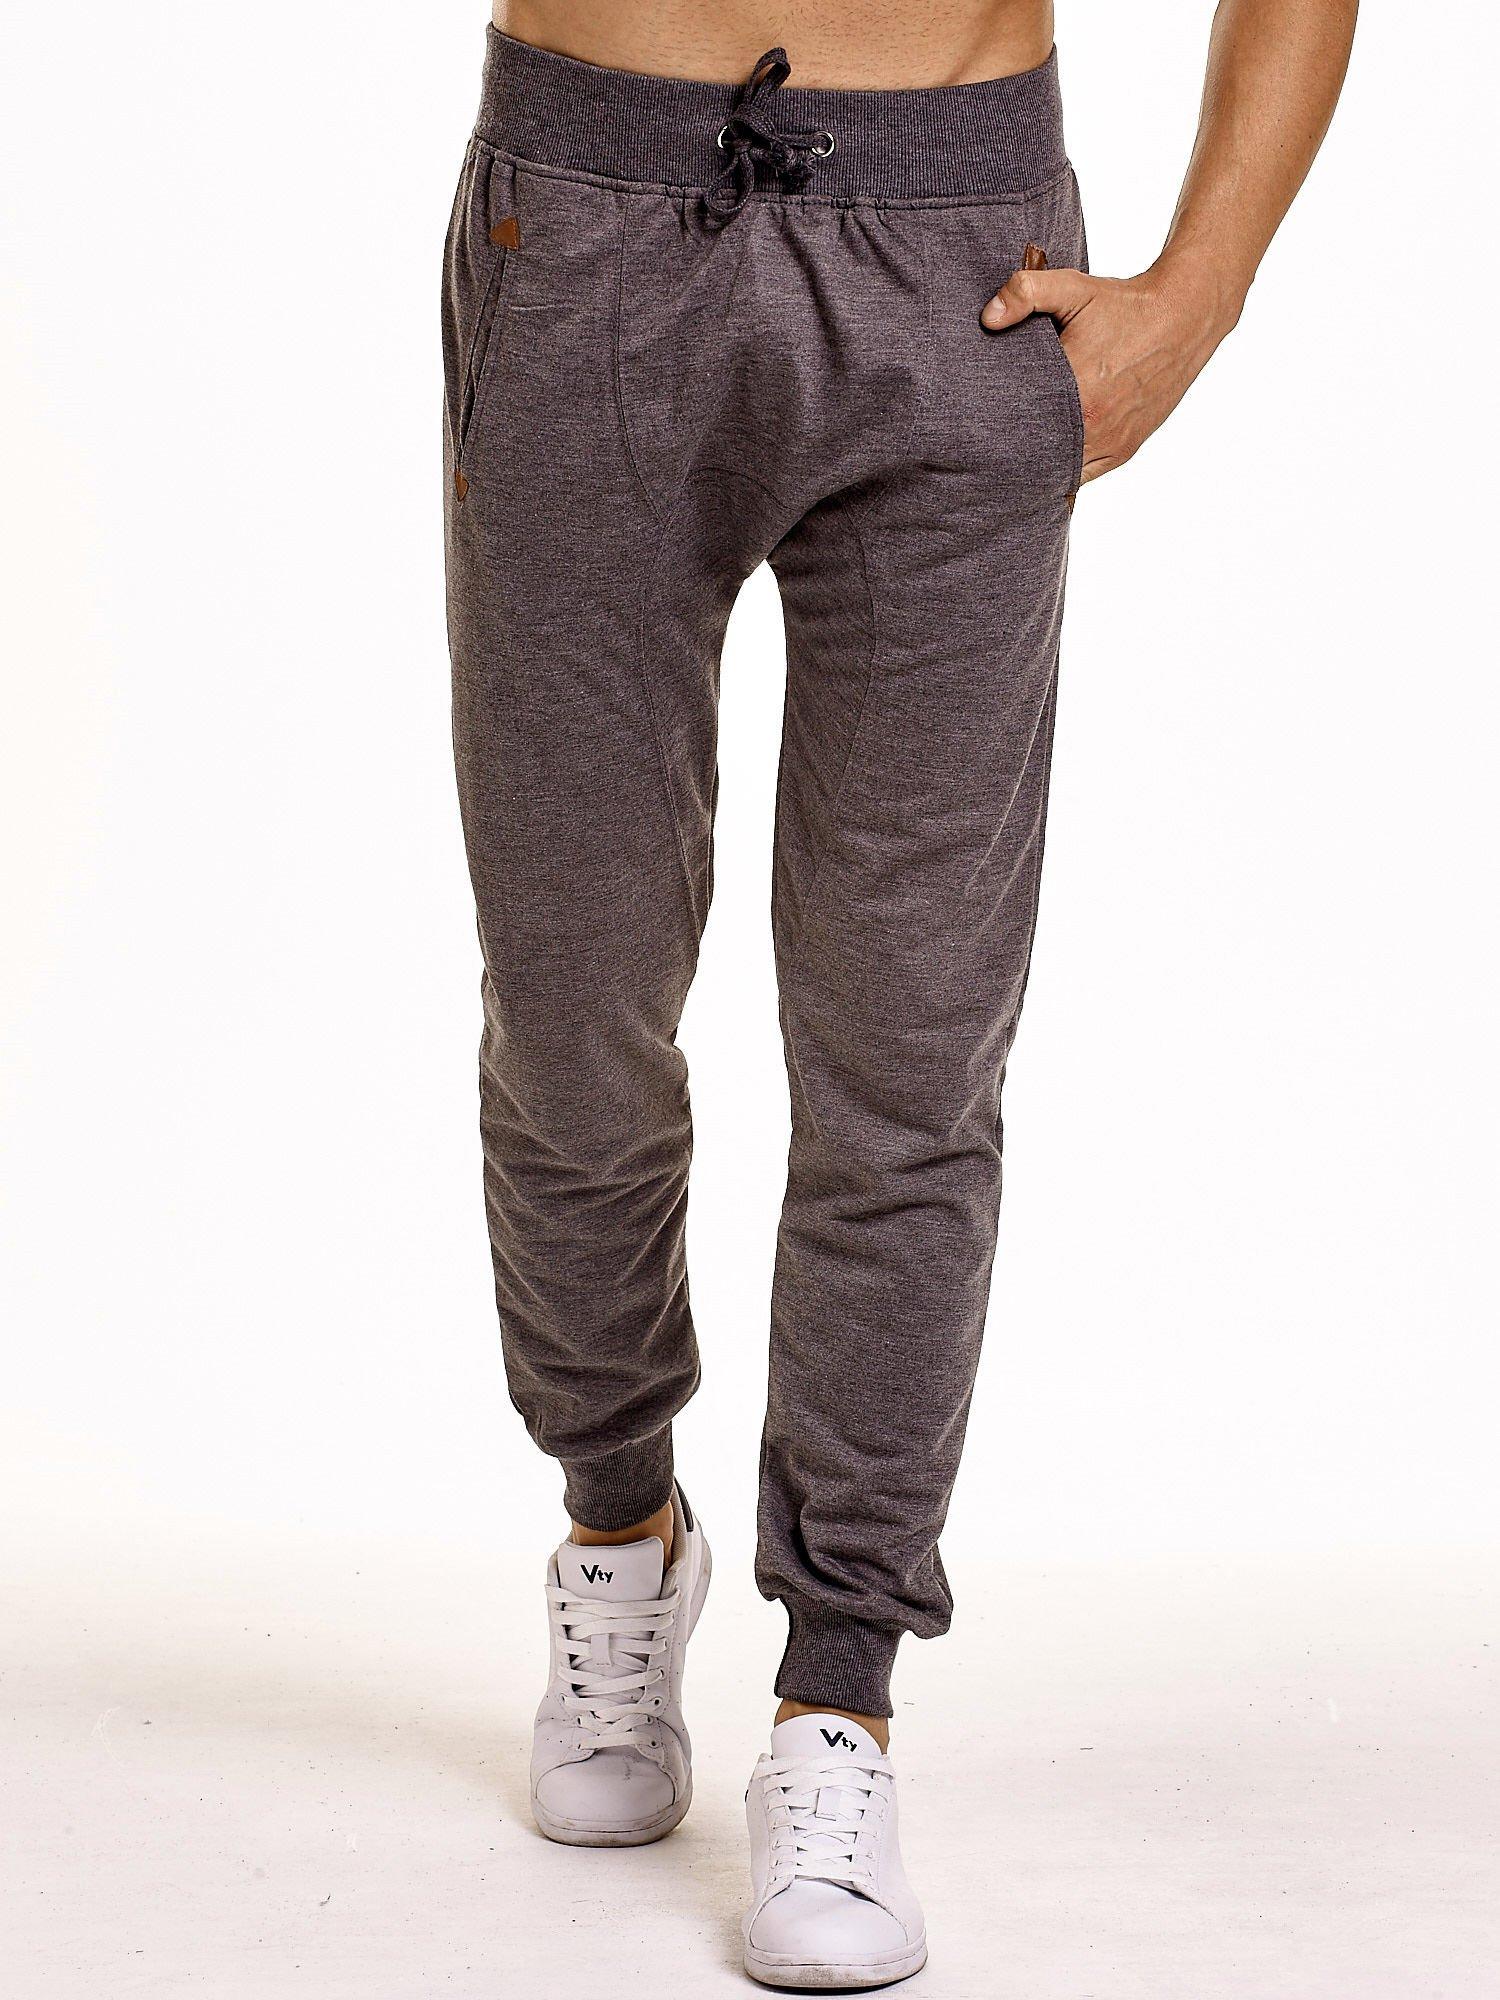 Ciemnoszare gładkie spodnie męskie ze skórzanymi wstawkami                                  zdj.                                  1